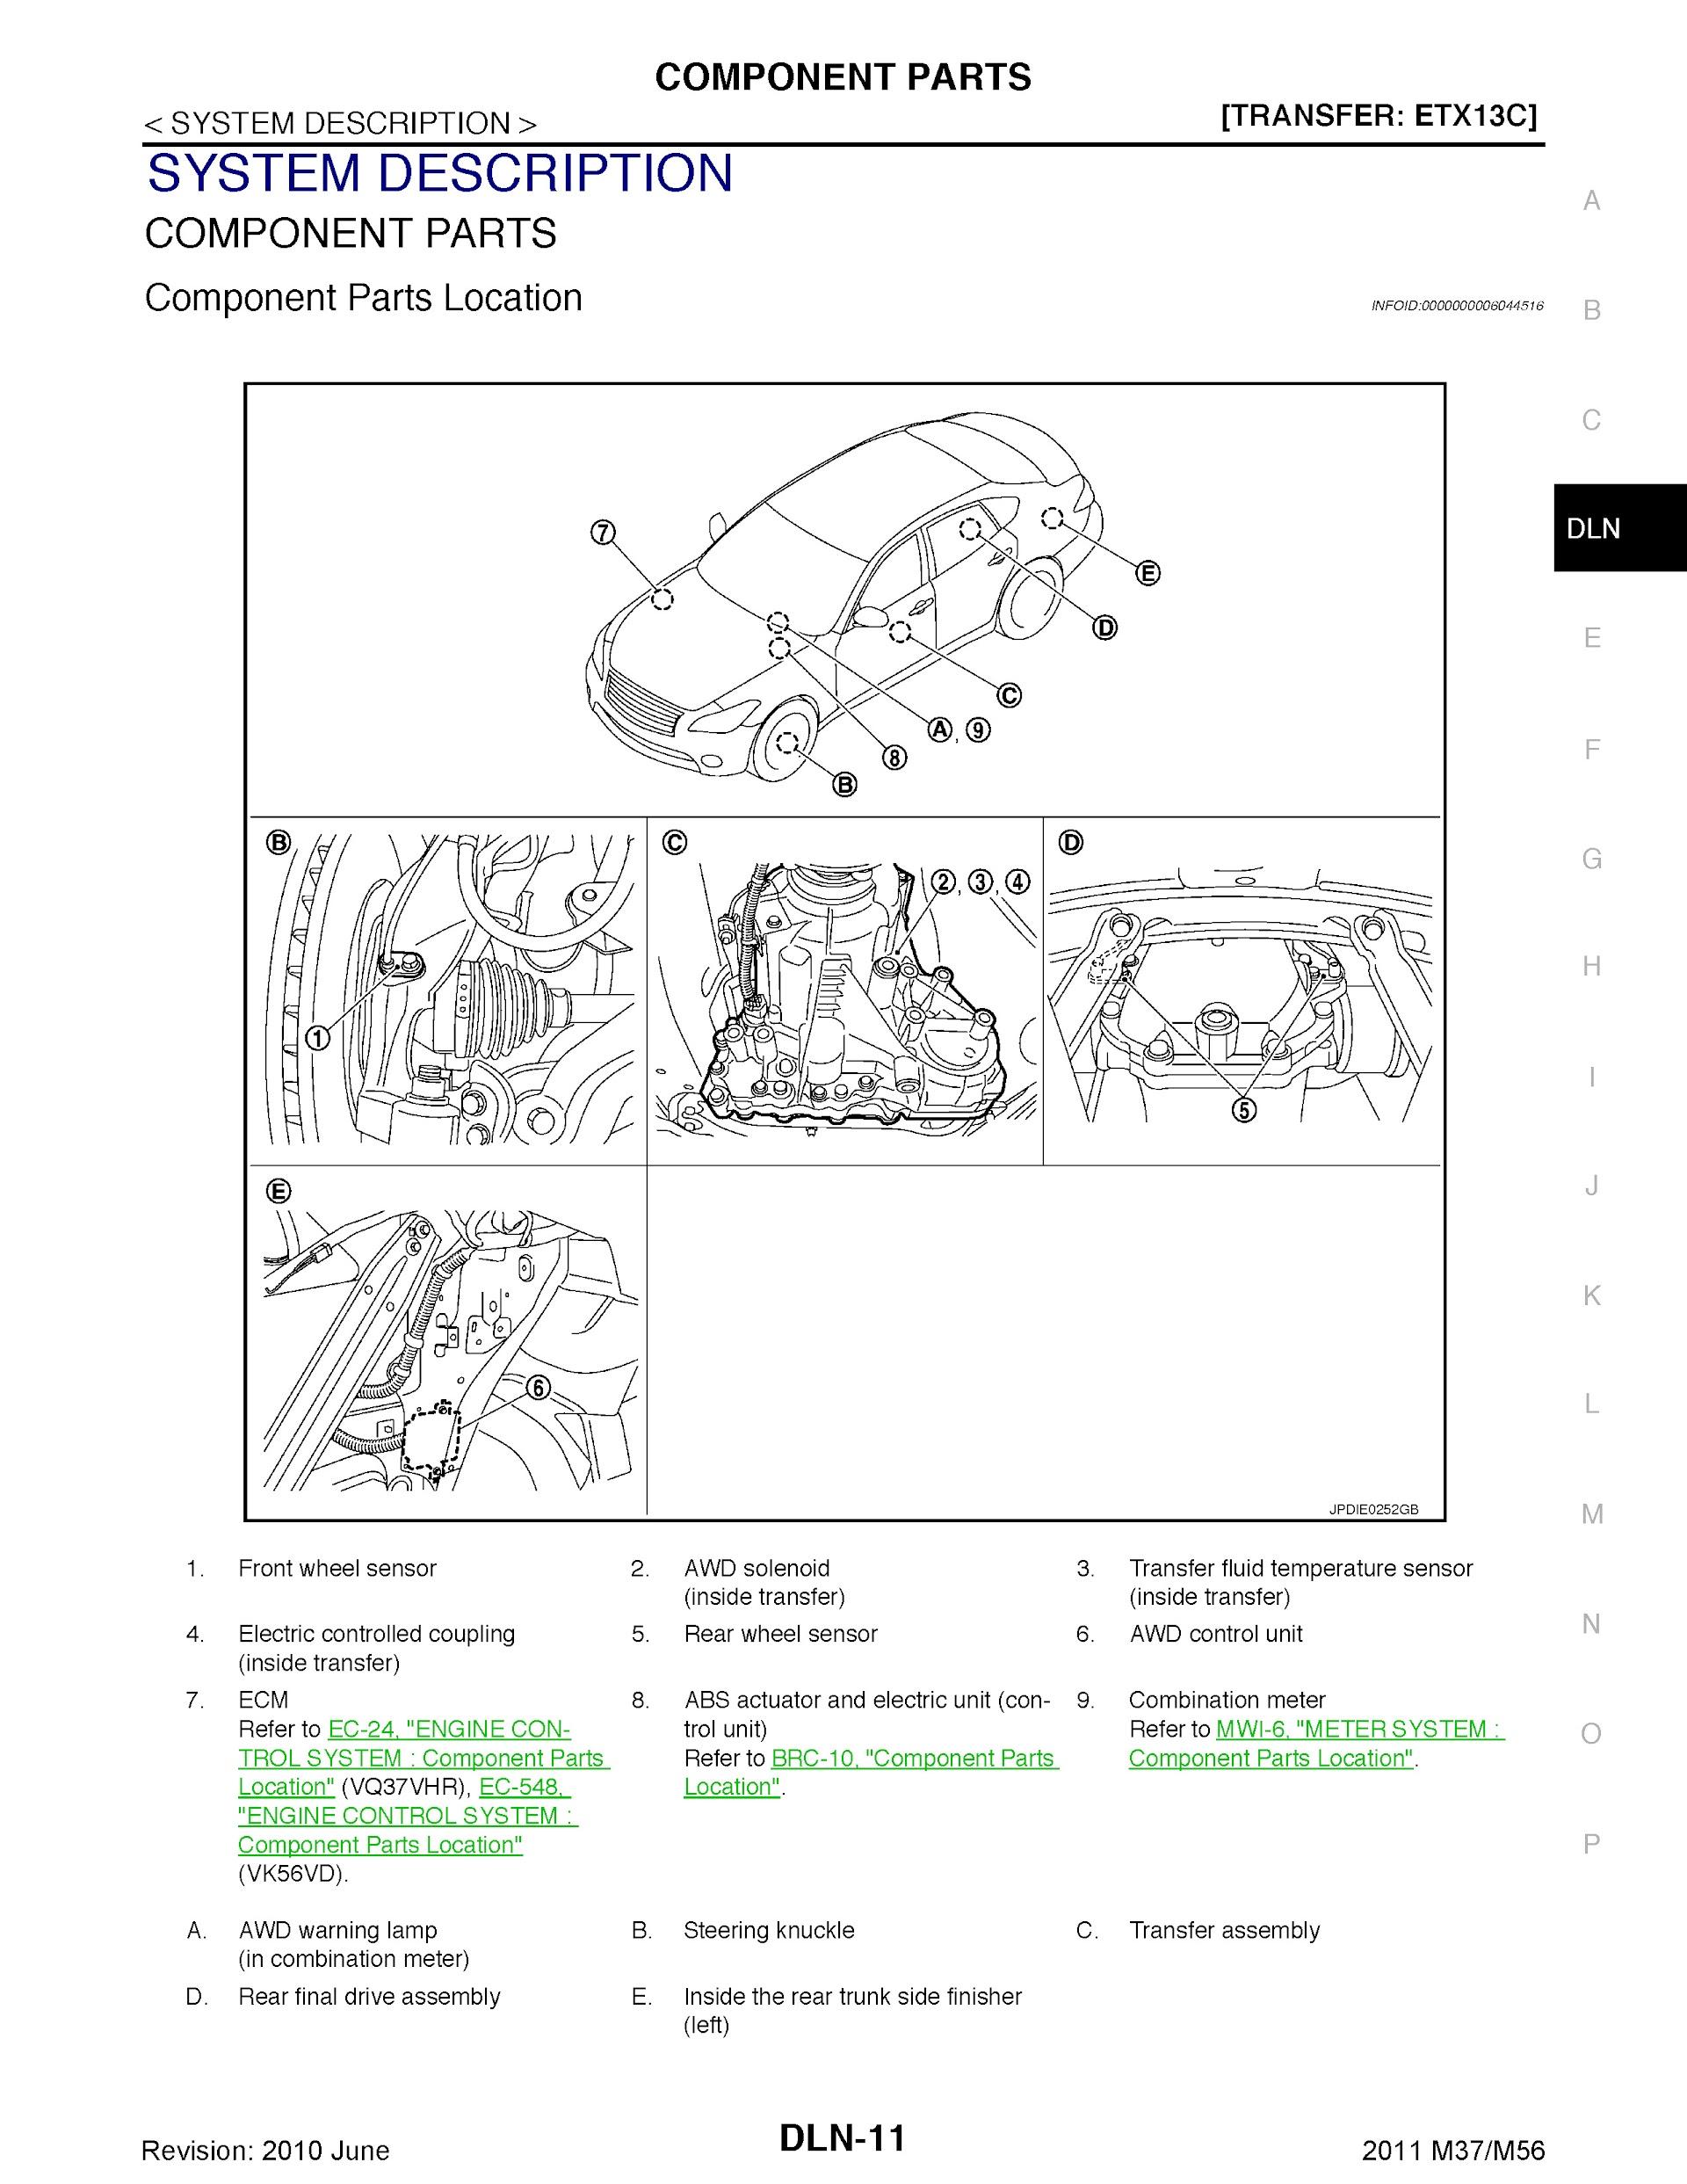 Download 2011 Infiniti M37 and M56 Repair Manual